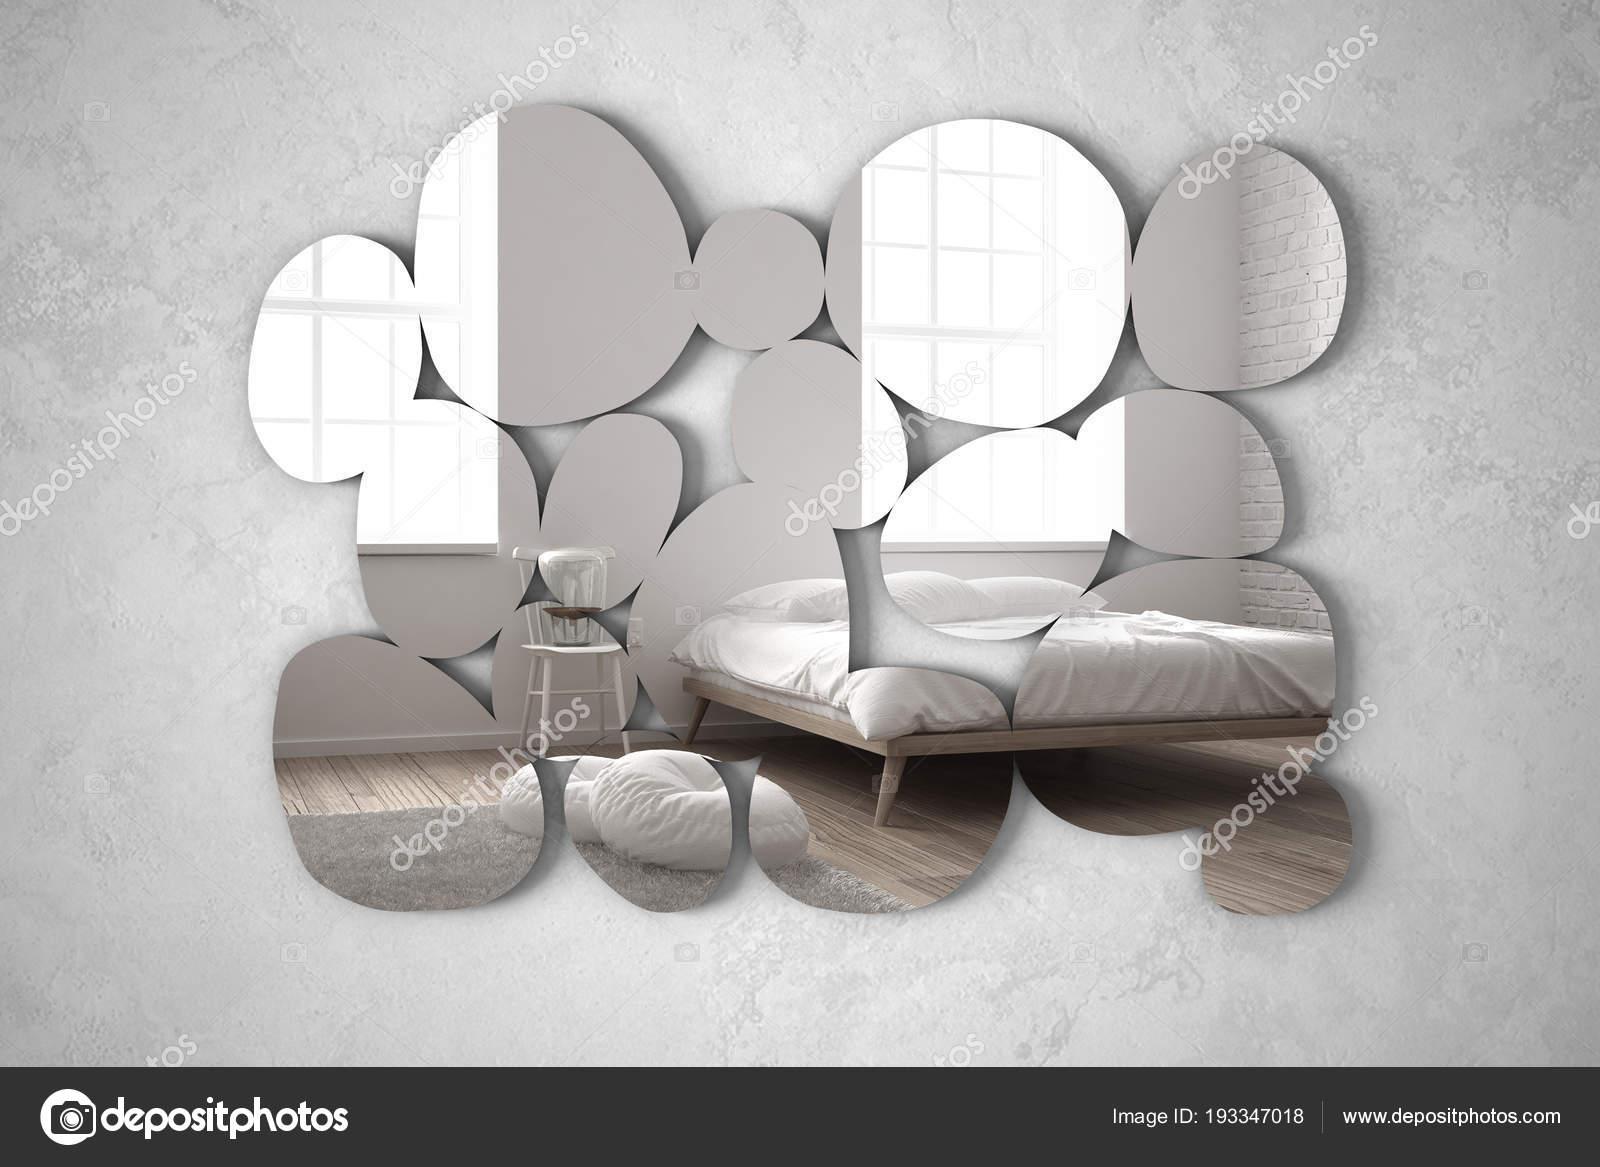 Moderner Spiegel In Kieselsteinform An Der Wand Der Die Innenarchitektur Reflektiert Helles Schlafzimmer Mit Bett Stuhl Und Tischlampe Minimalistische Weisse Architektur Stockfoto C Archiviz 193347018